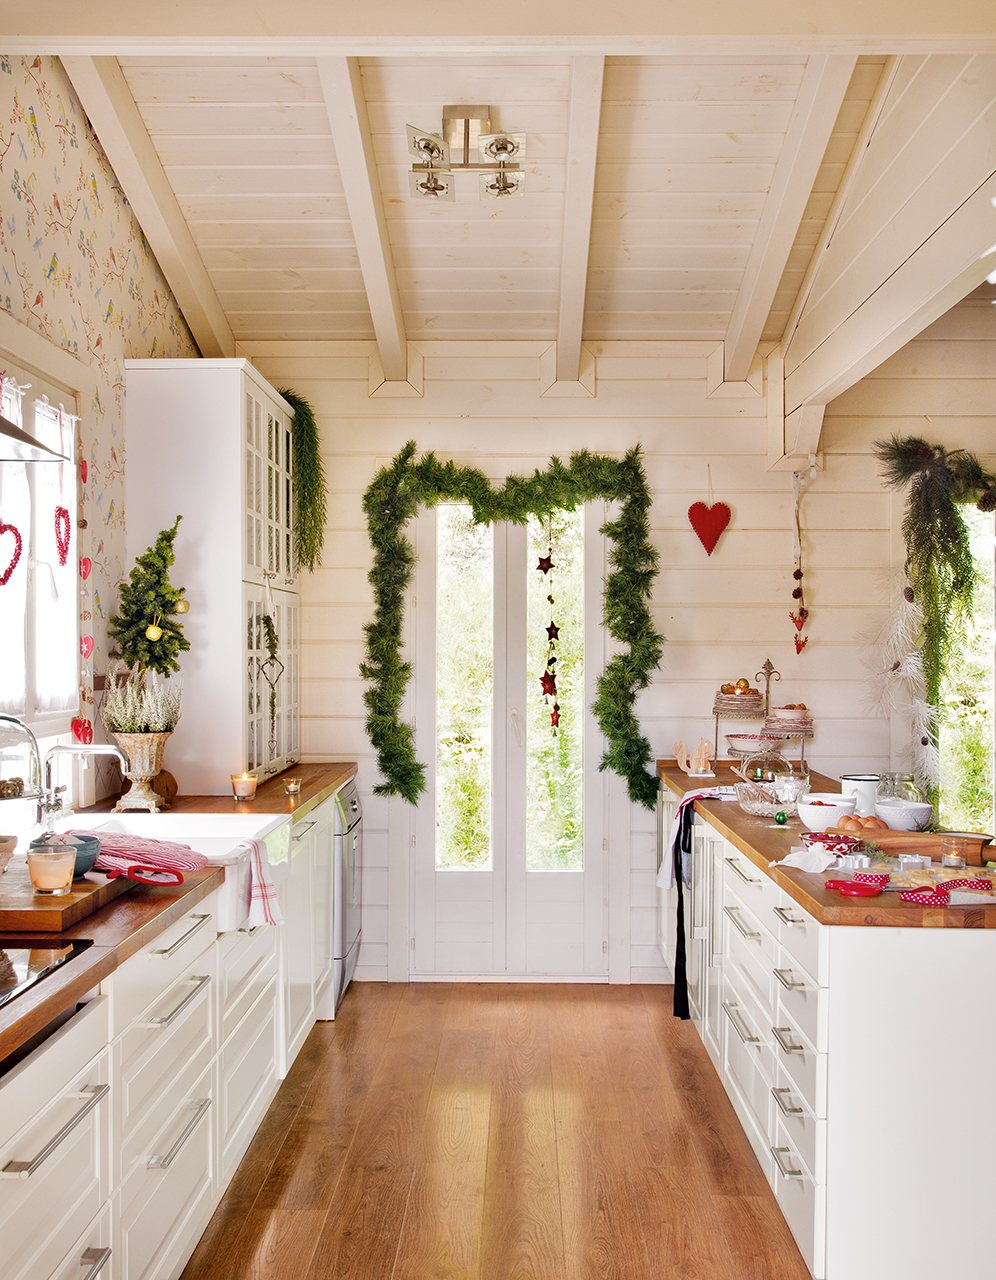 En esta cocina se cuece una Navidad deliciosa